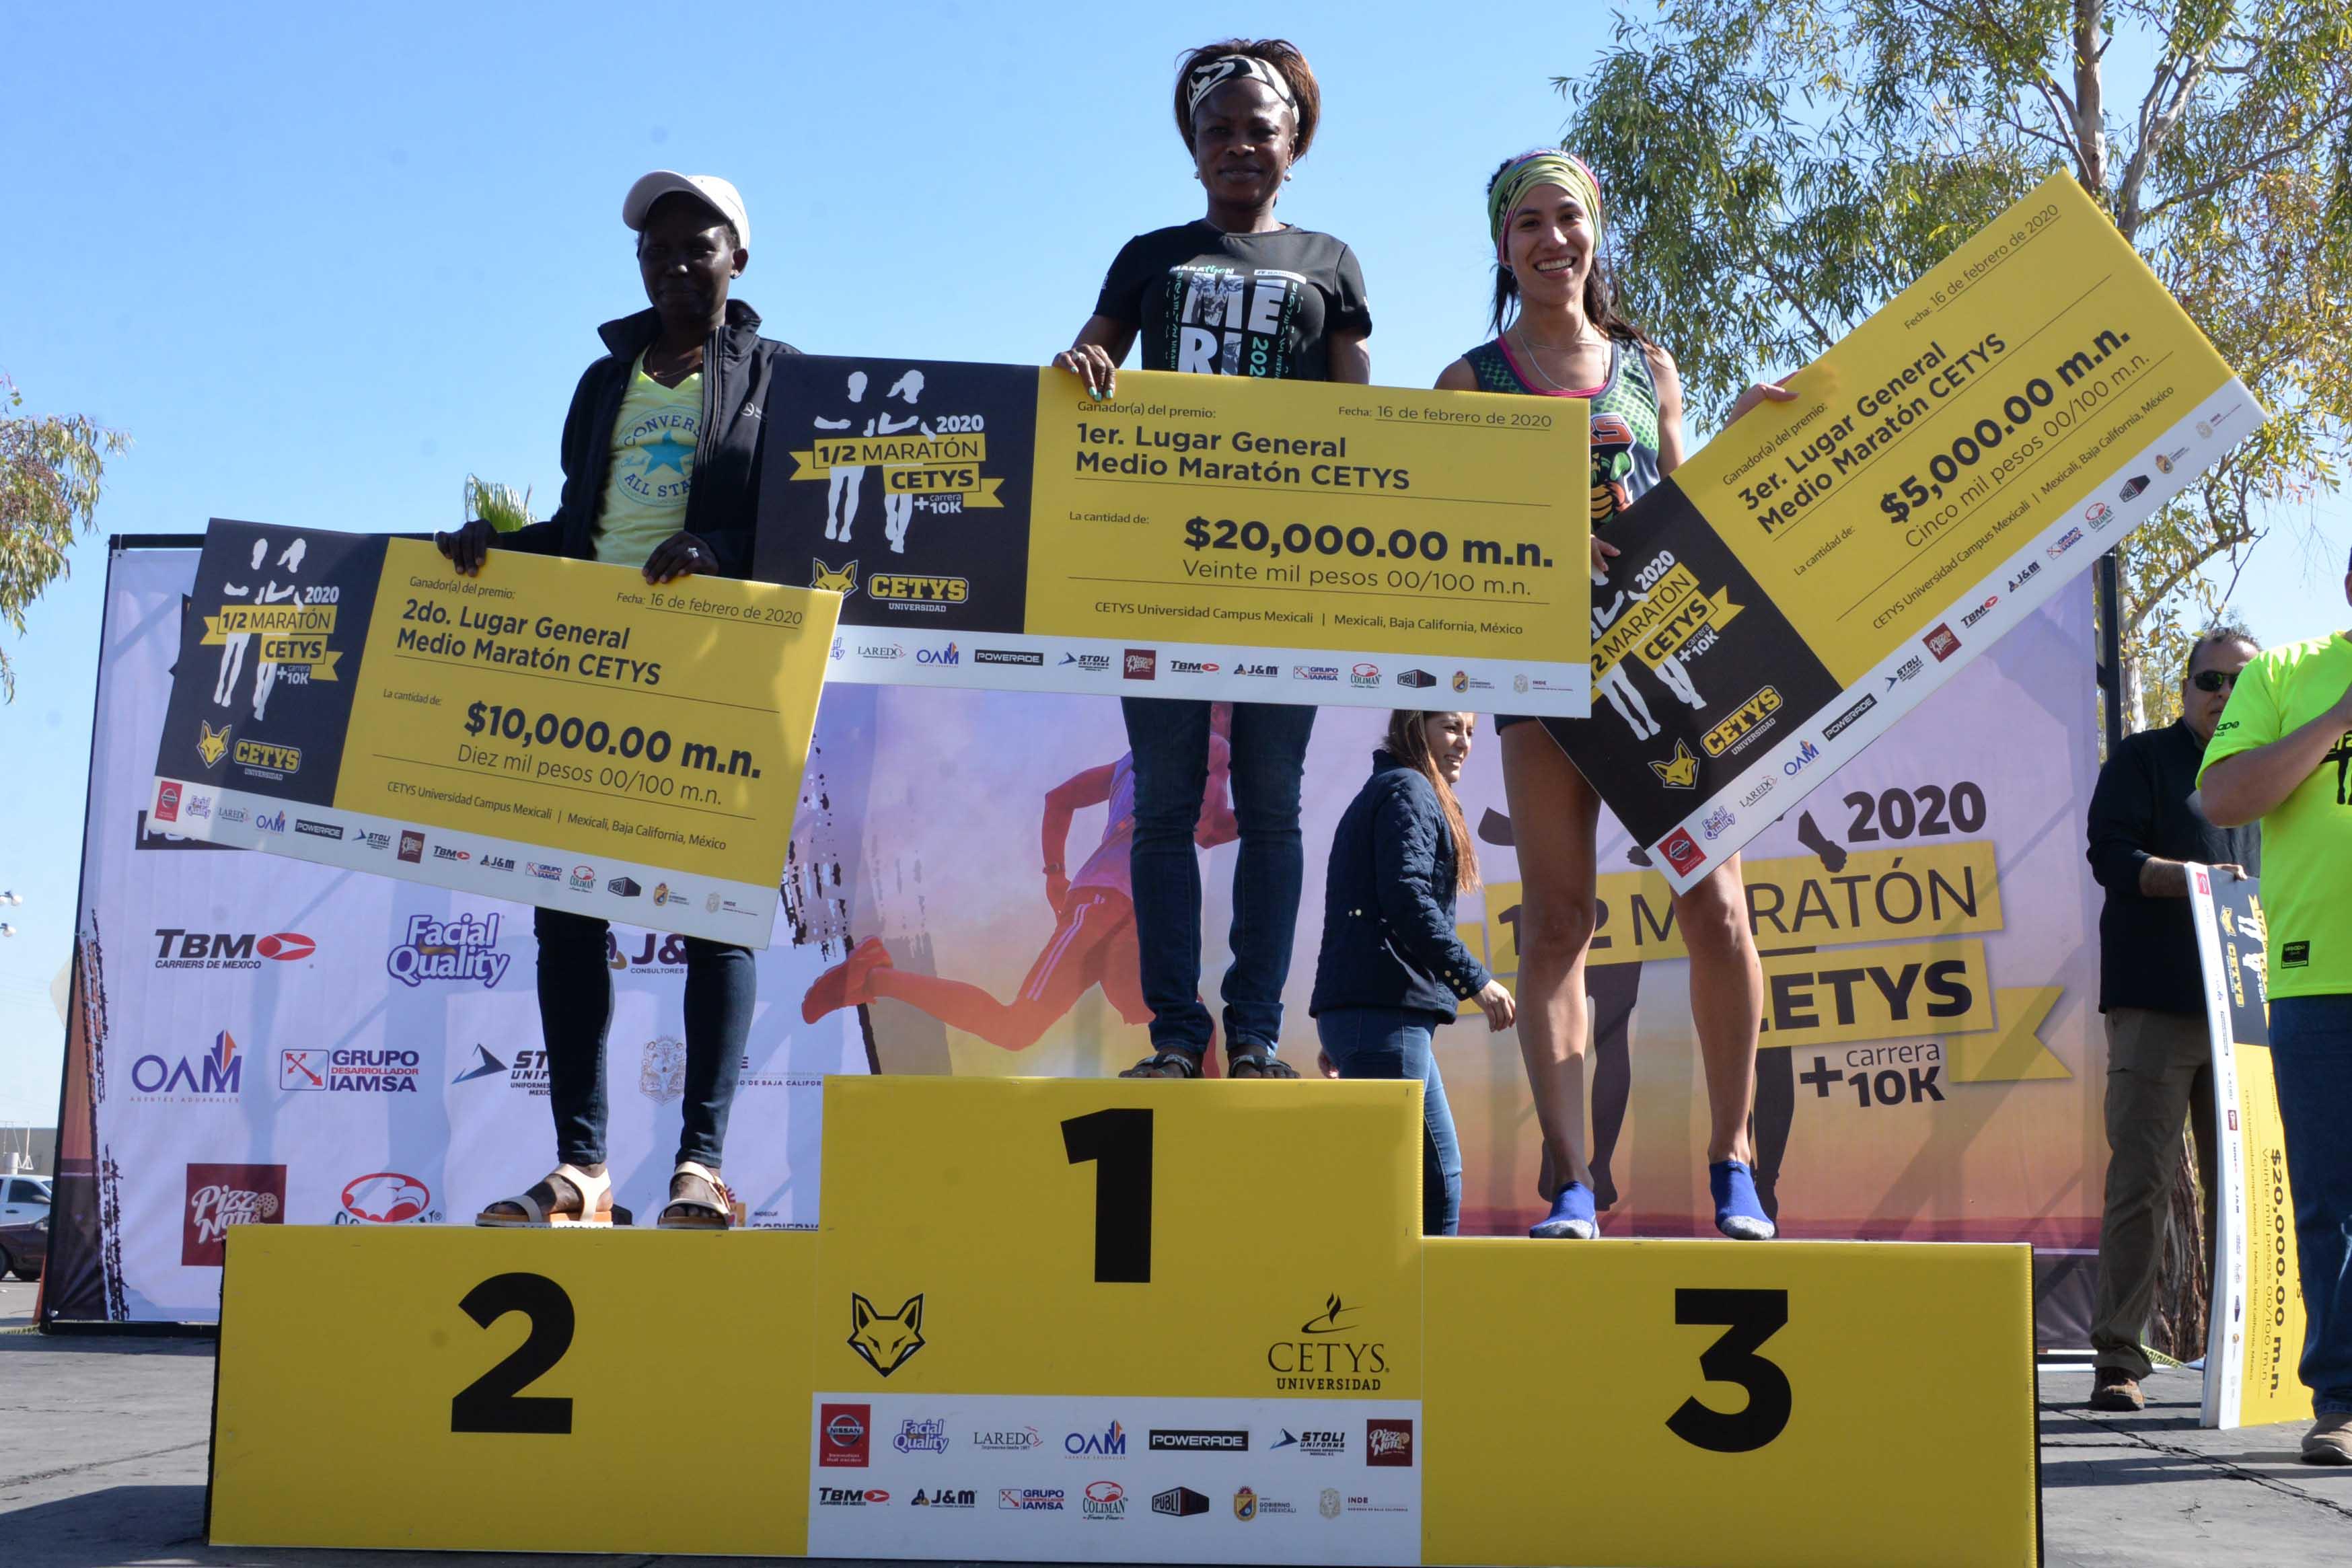 Wanyoike y Akor son los ganadores del Medio Maratón del CETYS